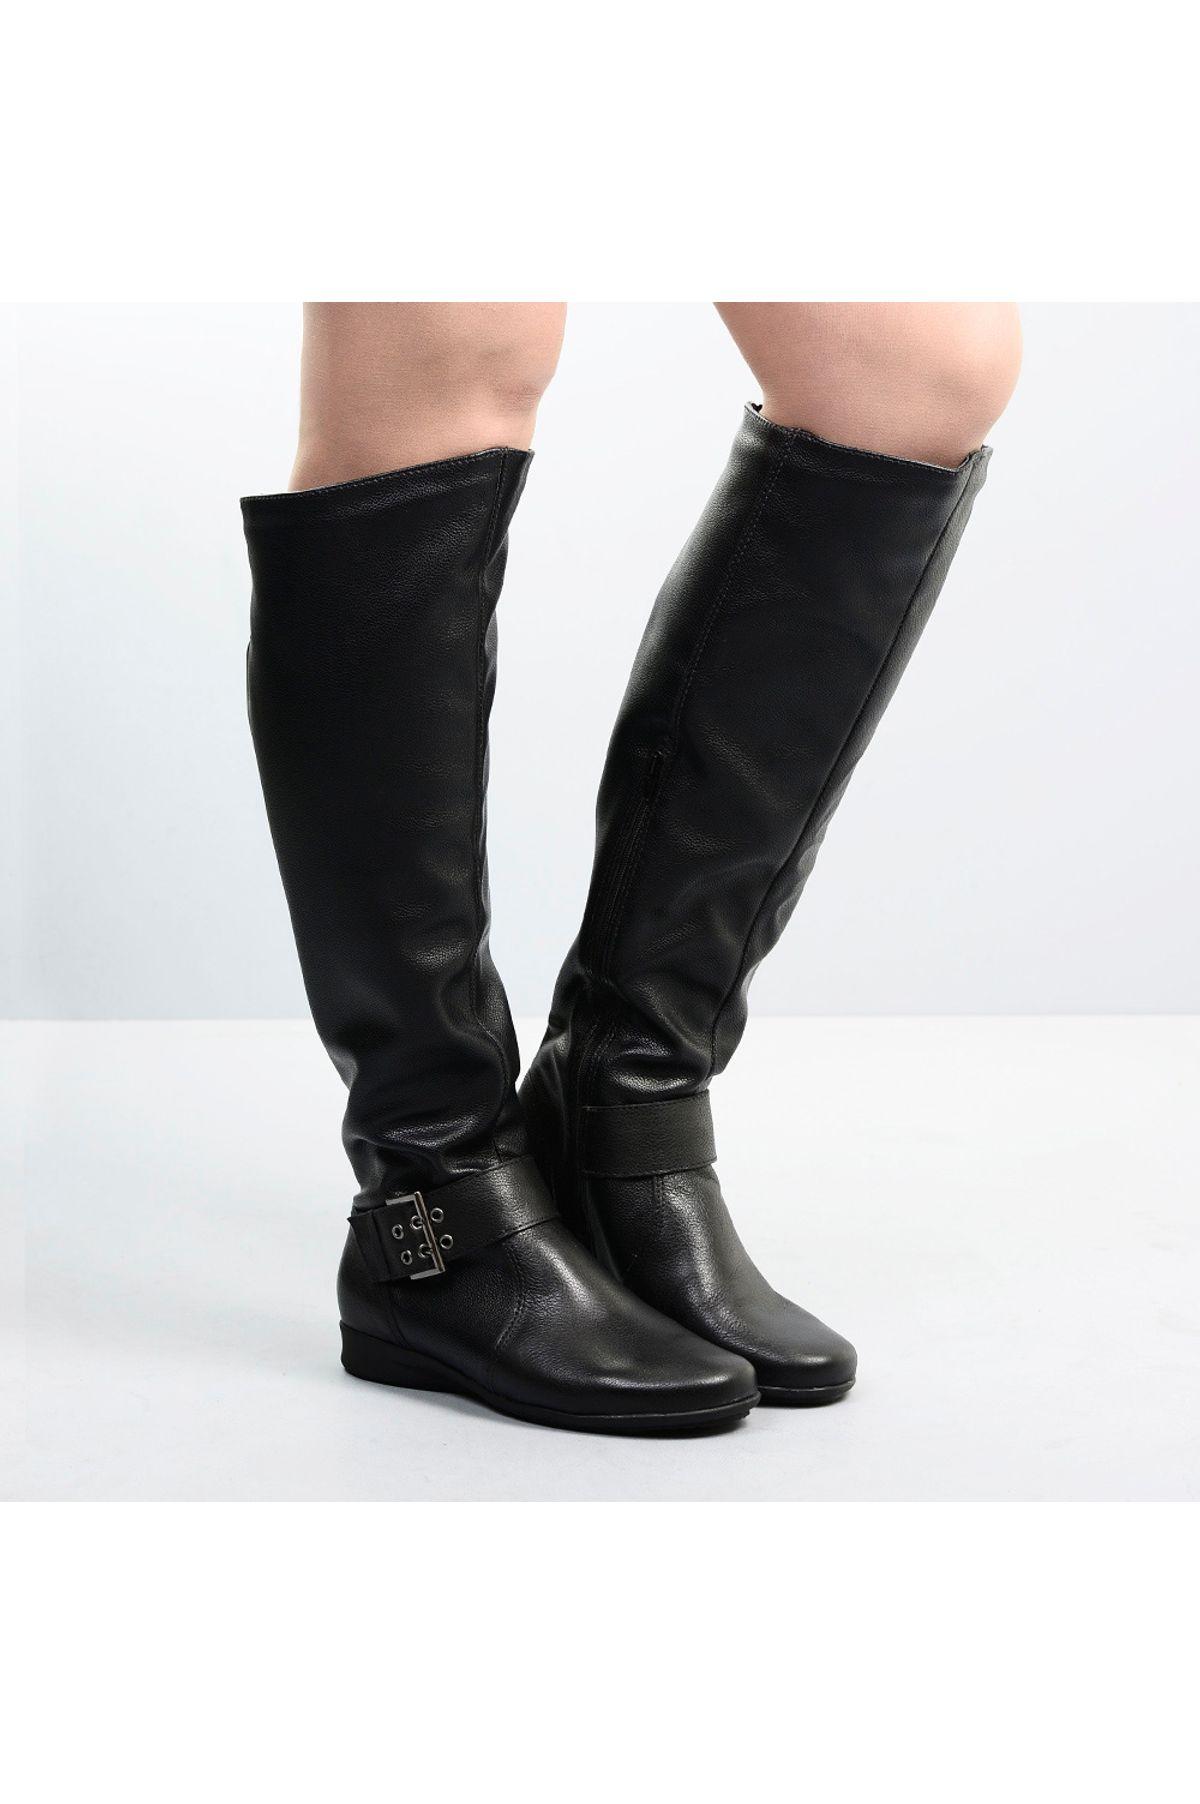 d76b53e97 Bota Feminina Sueli Bottero | Mundial Calçados - Mundial Calçados